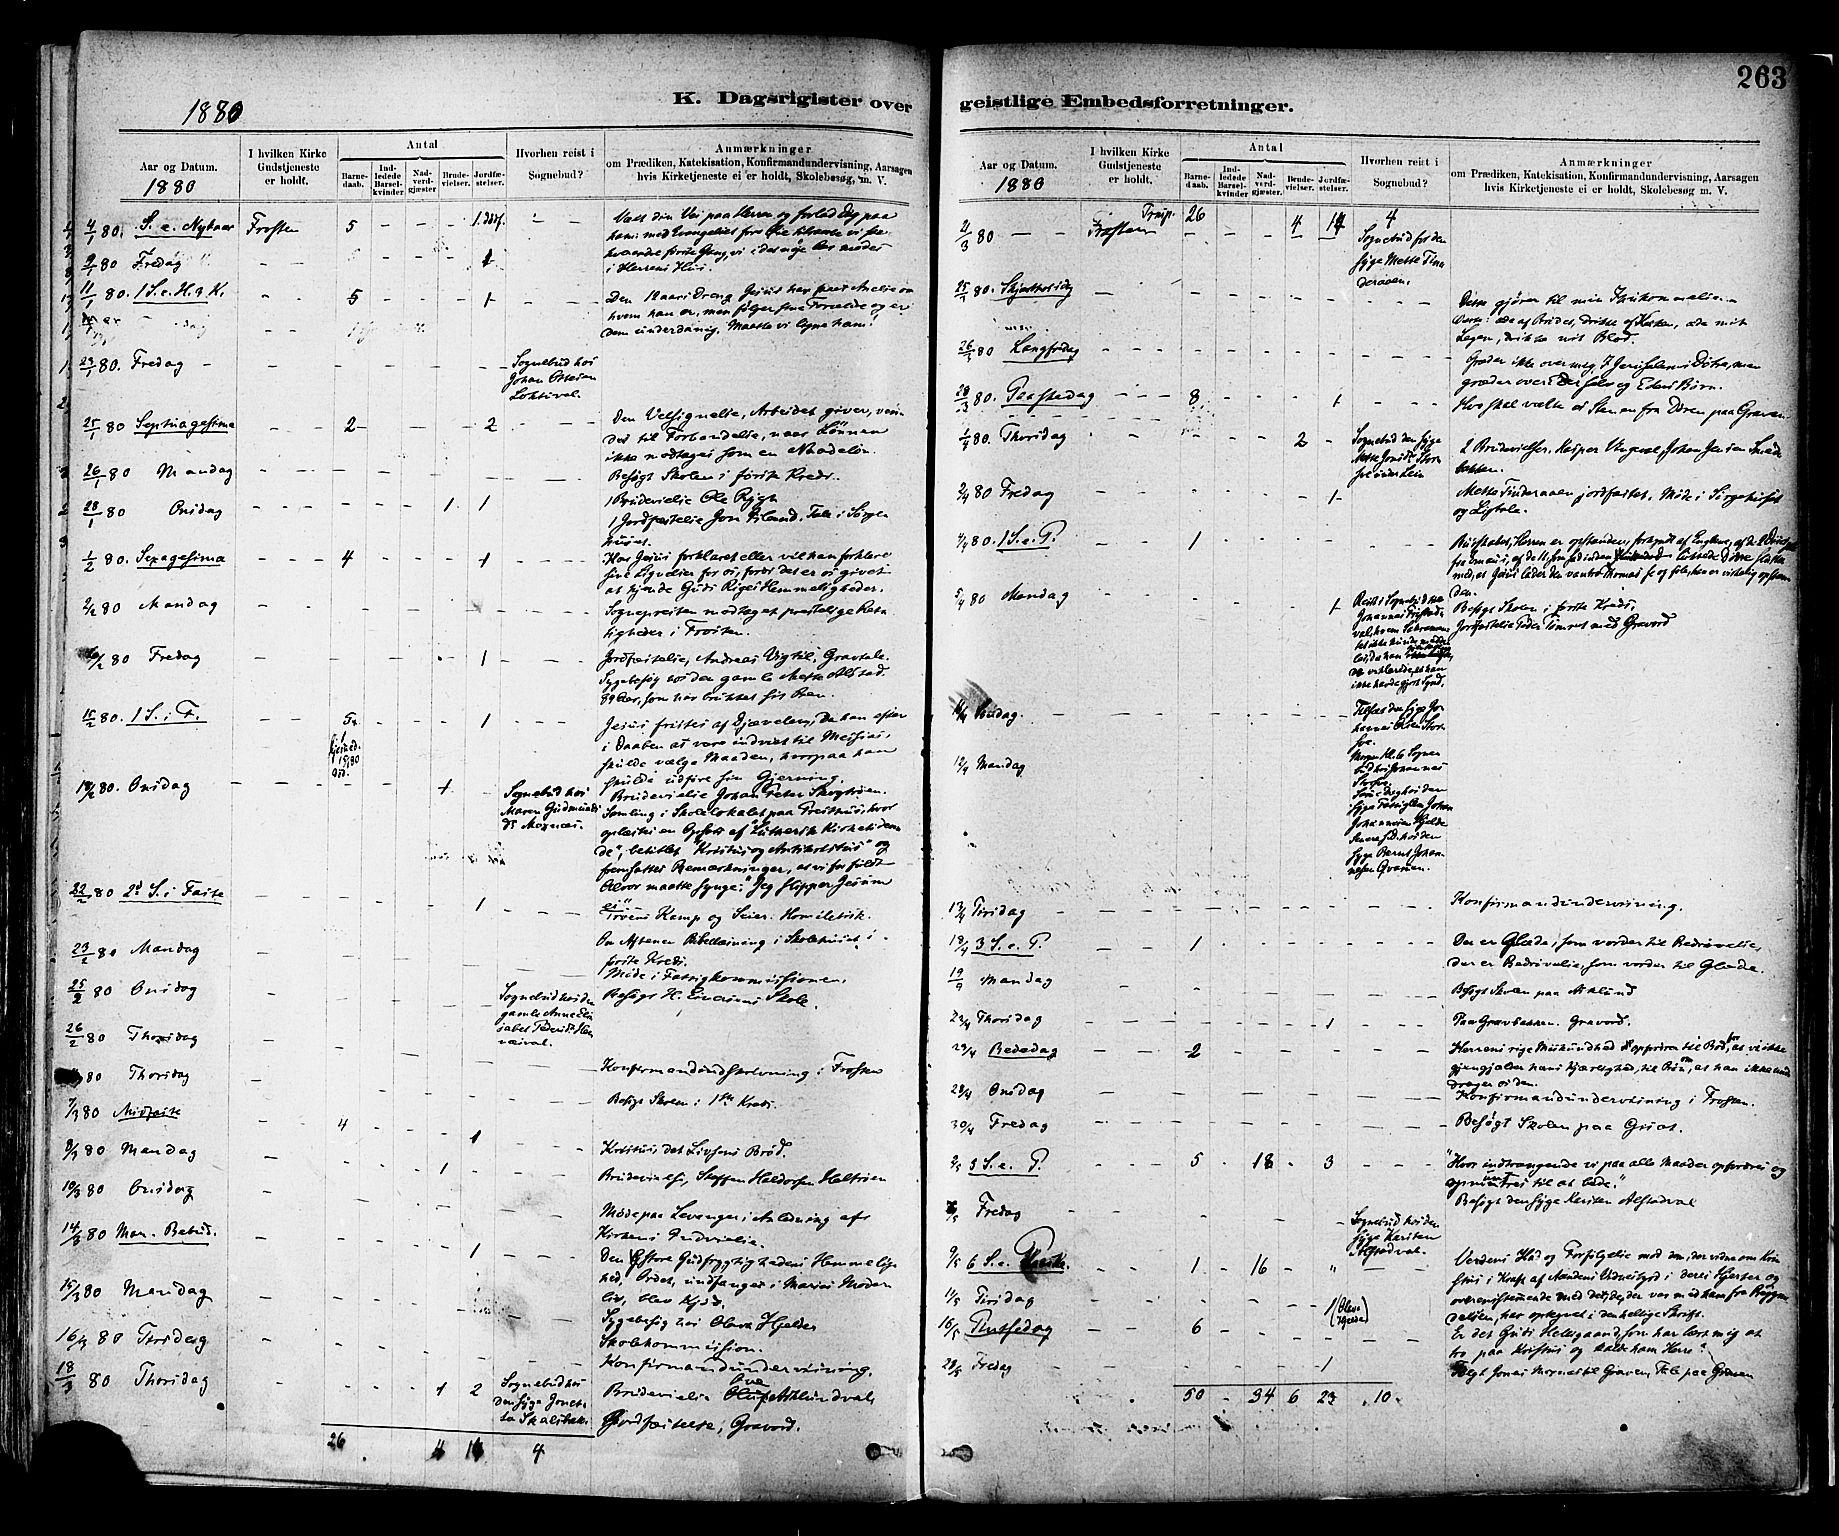 SAT, Ministerialprotokoller, klokkerbøker og fødselsregistre - Nord-Trøndelag, 713/L0120: Ministerialbok nr. 713A09, 1878-1887, s. 263